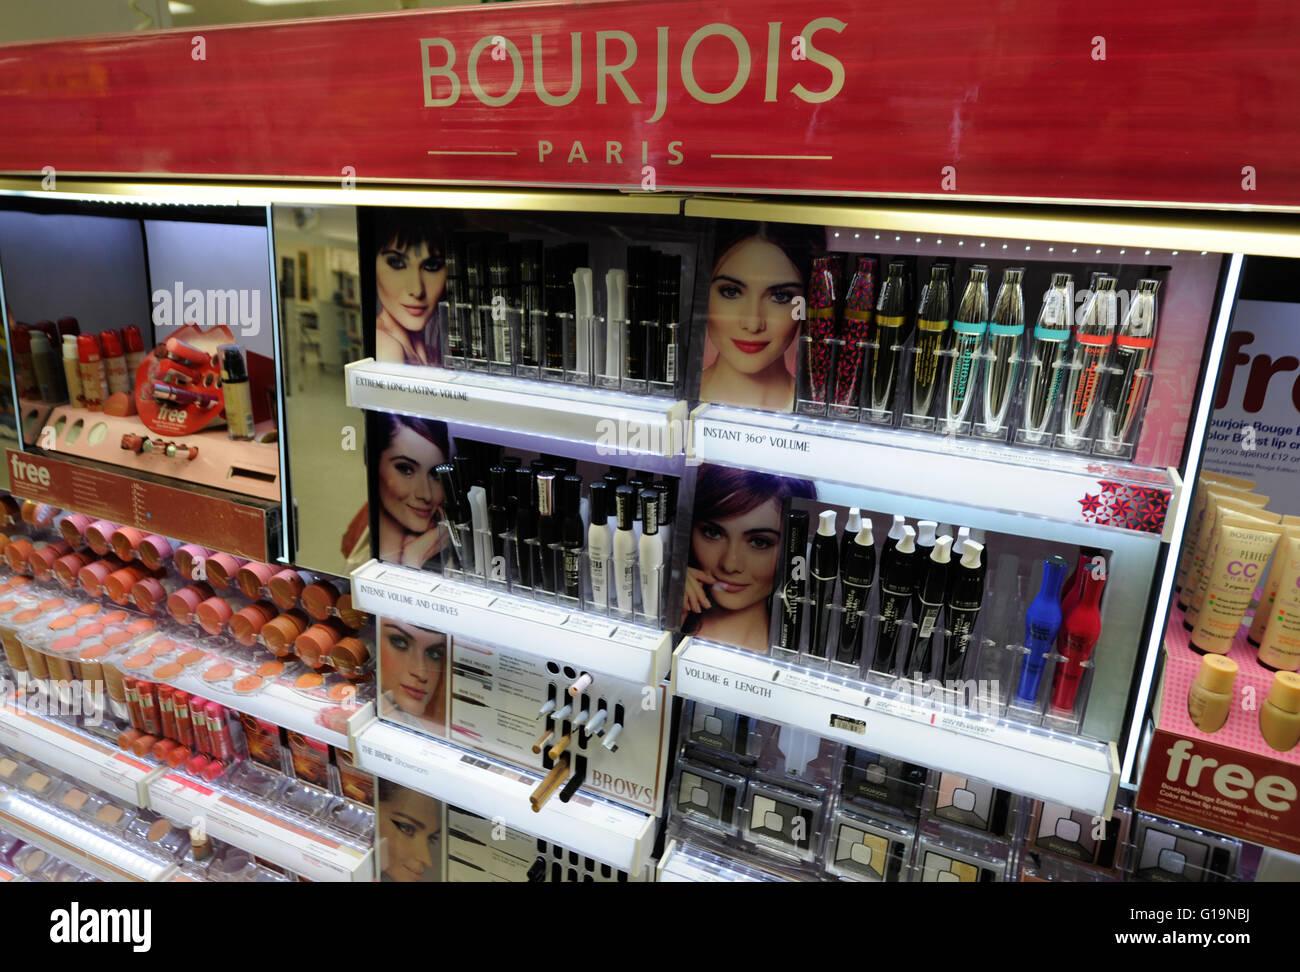 Bourjois Kosmetik im Stiefel Shop - cardiff Stockbild